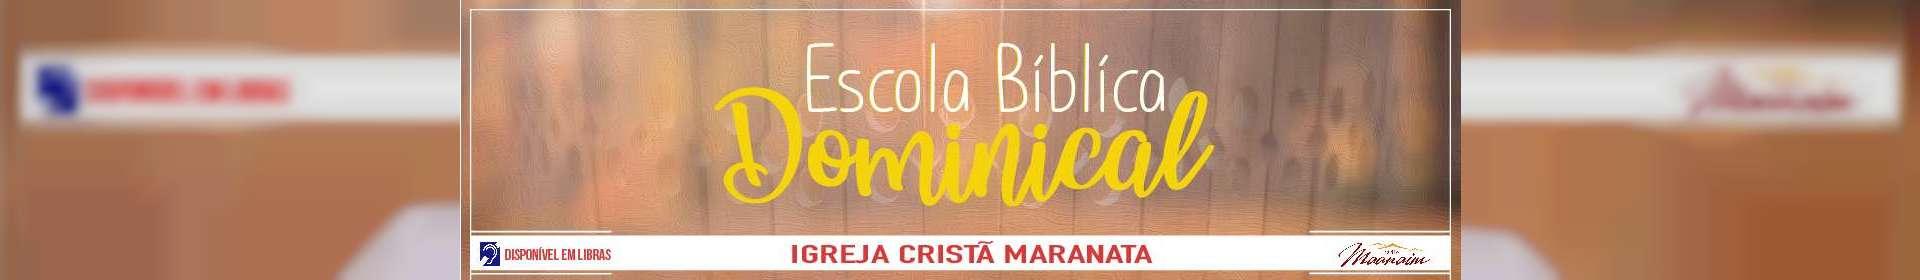 Escola Bíblica Dominical - 30/06/2019